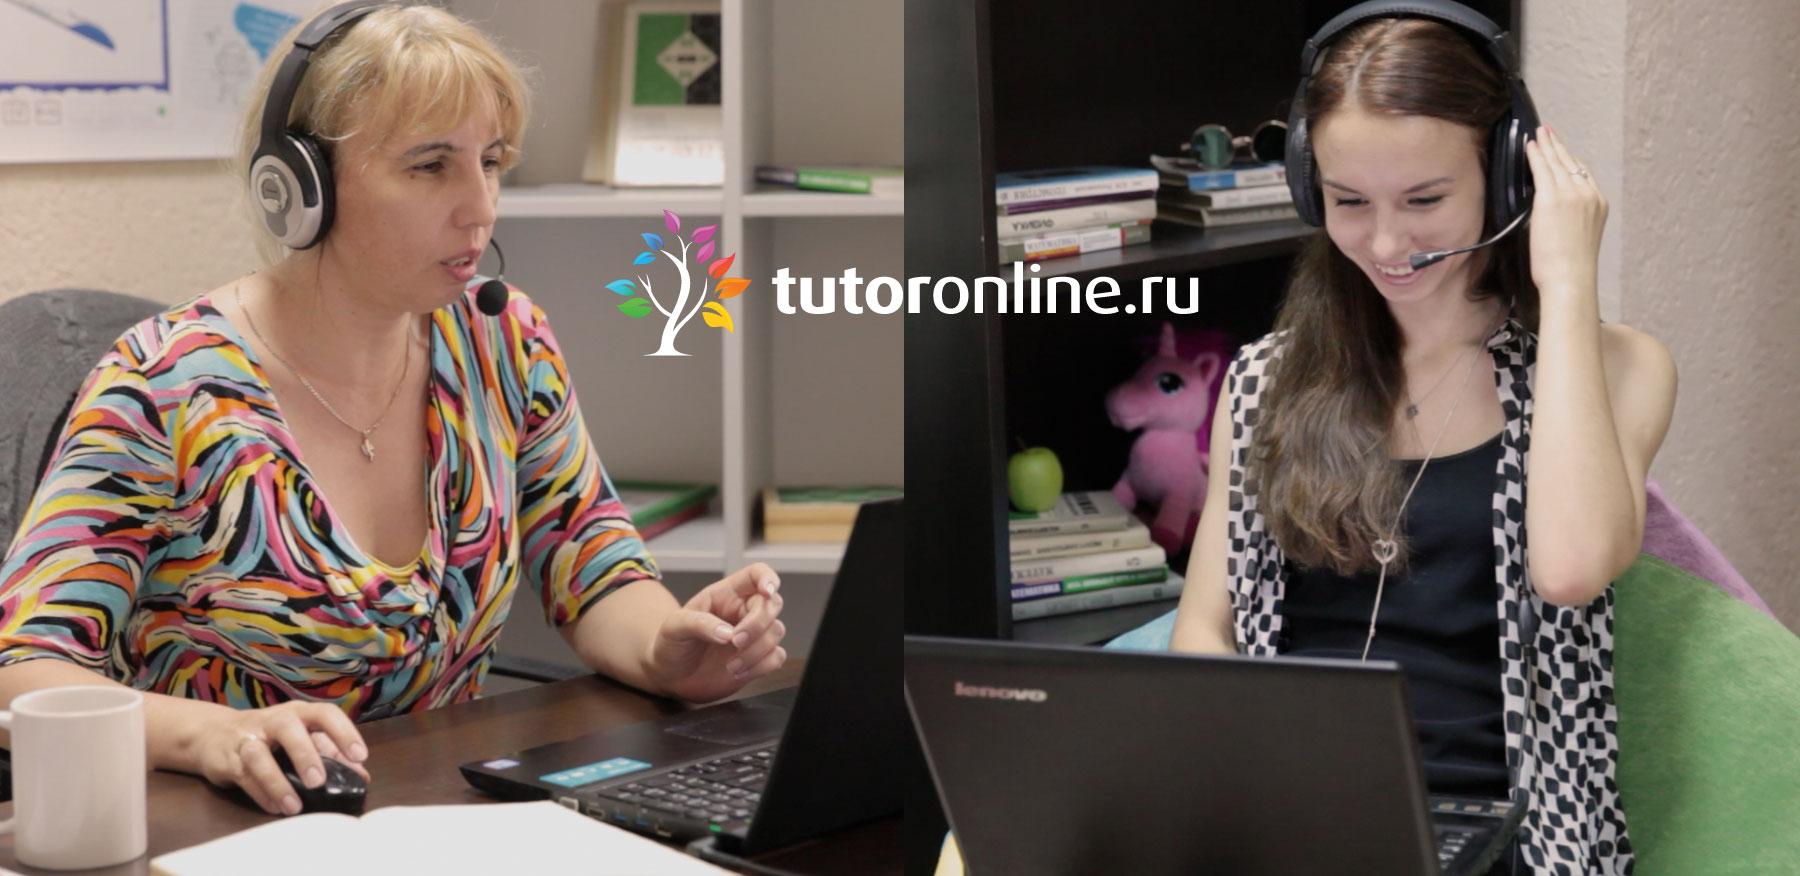 Специалисты портала tutoronline.ru